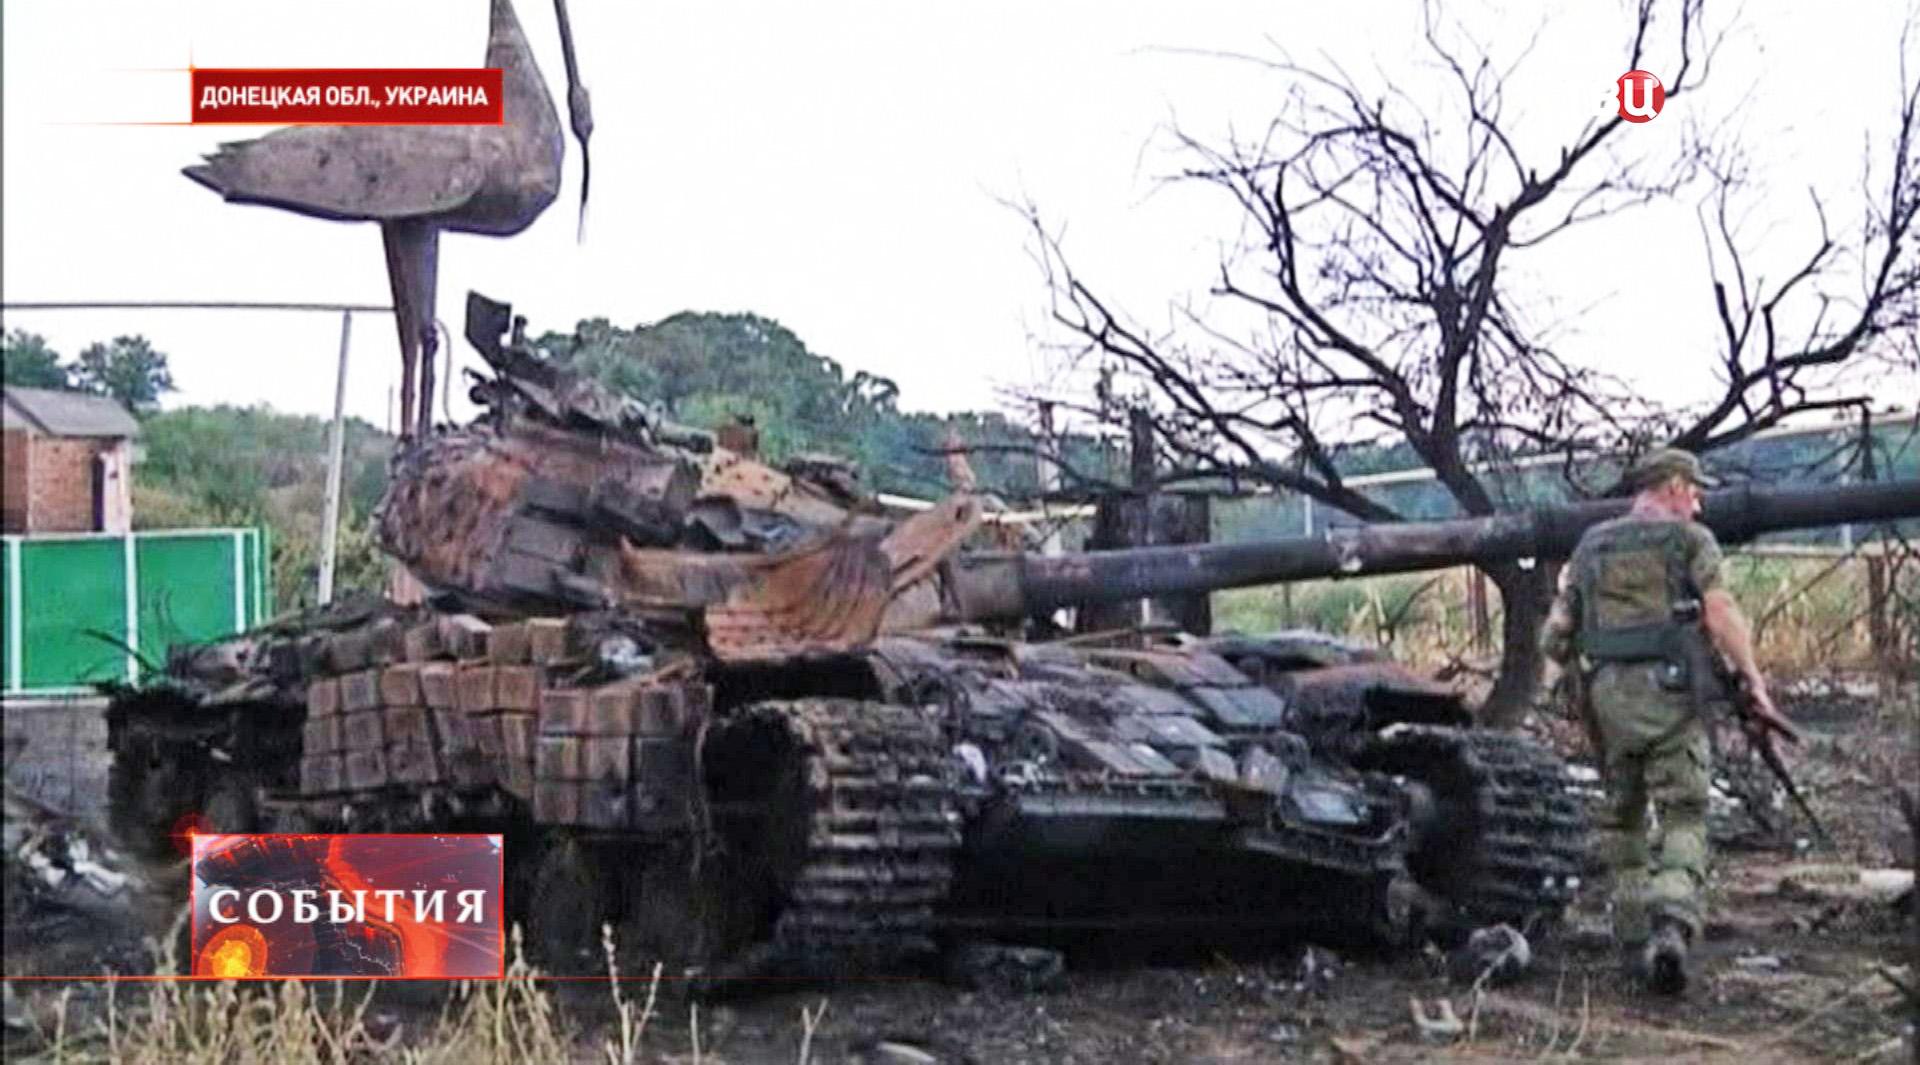 Сгоревший танк украинской армии в Донецкой области